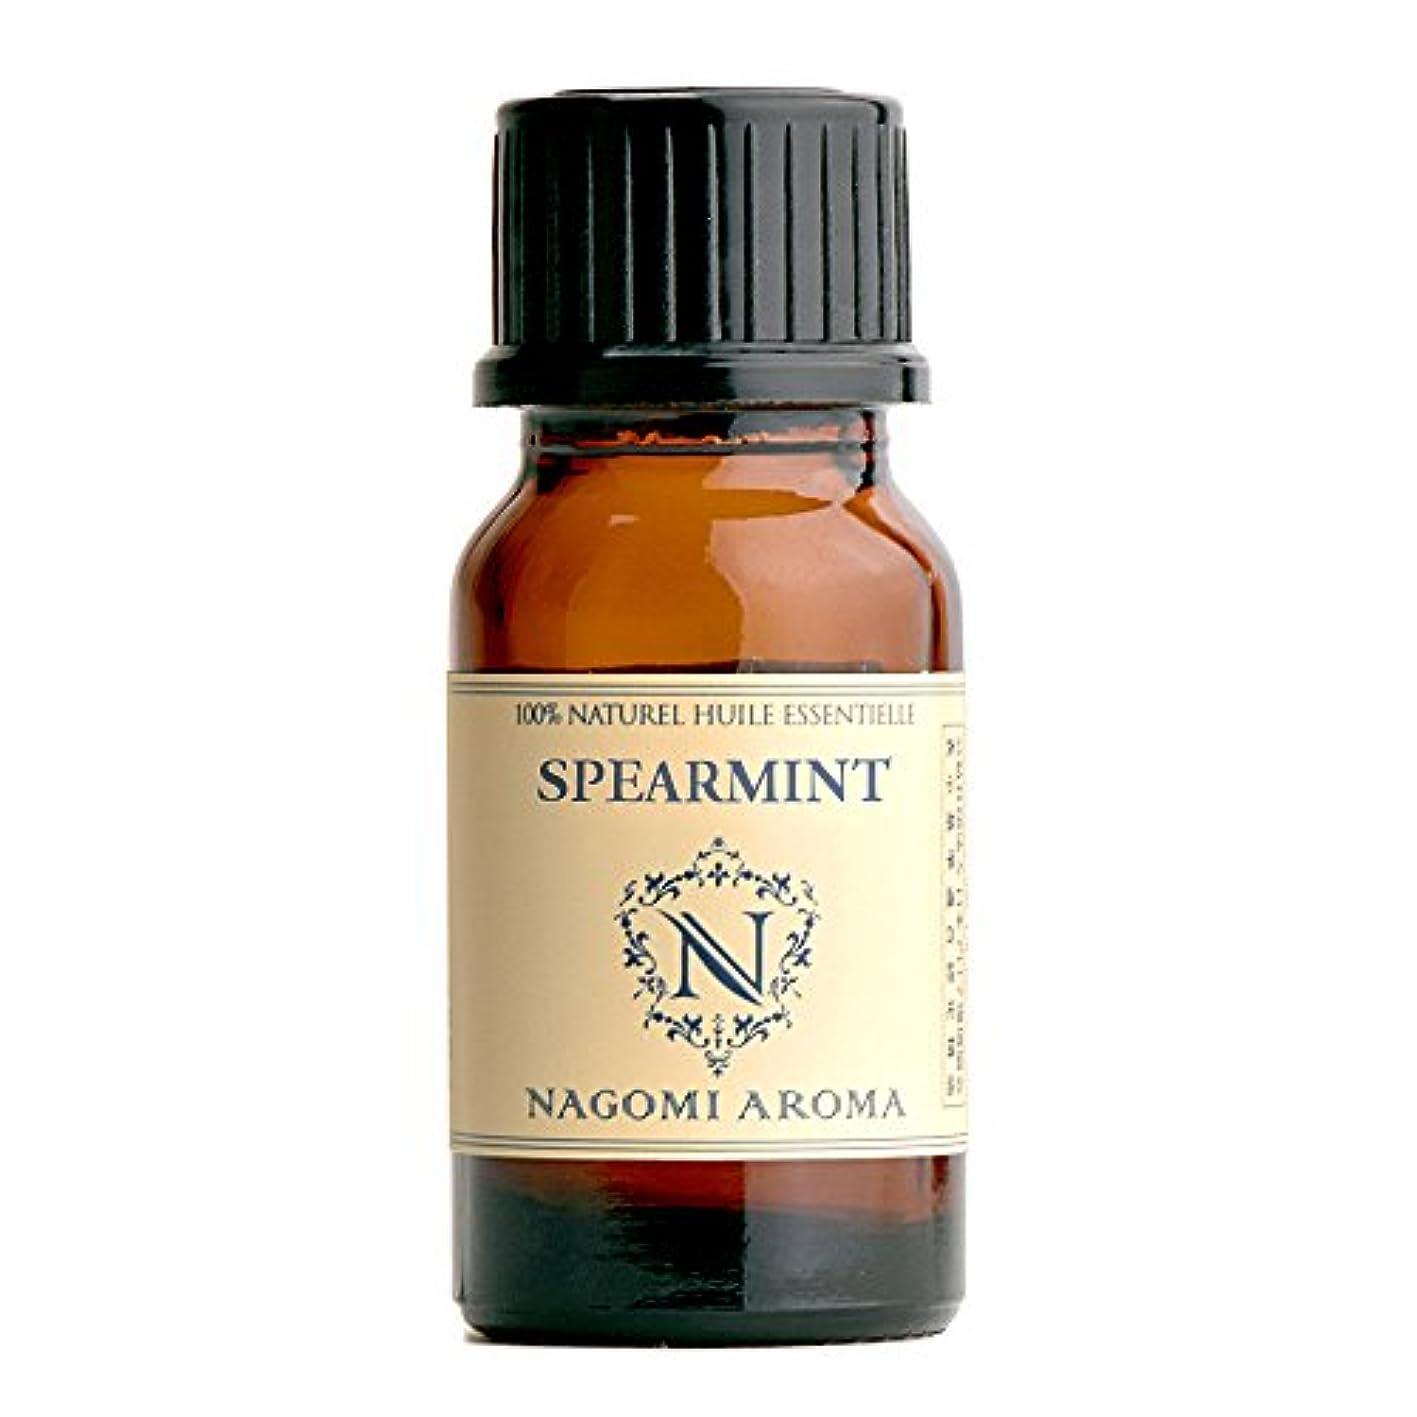 NAGOMI AROMA スペアミント 10ml 【AEAJ認定精油】【アロマオイル】